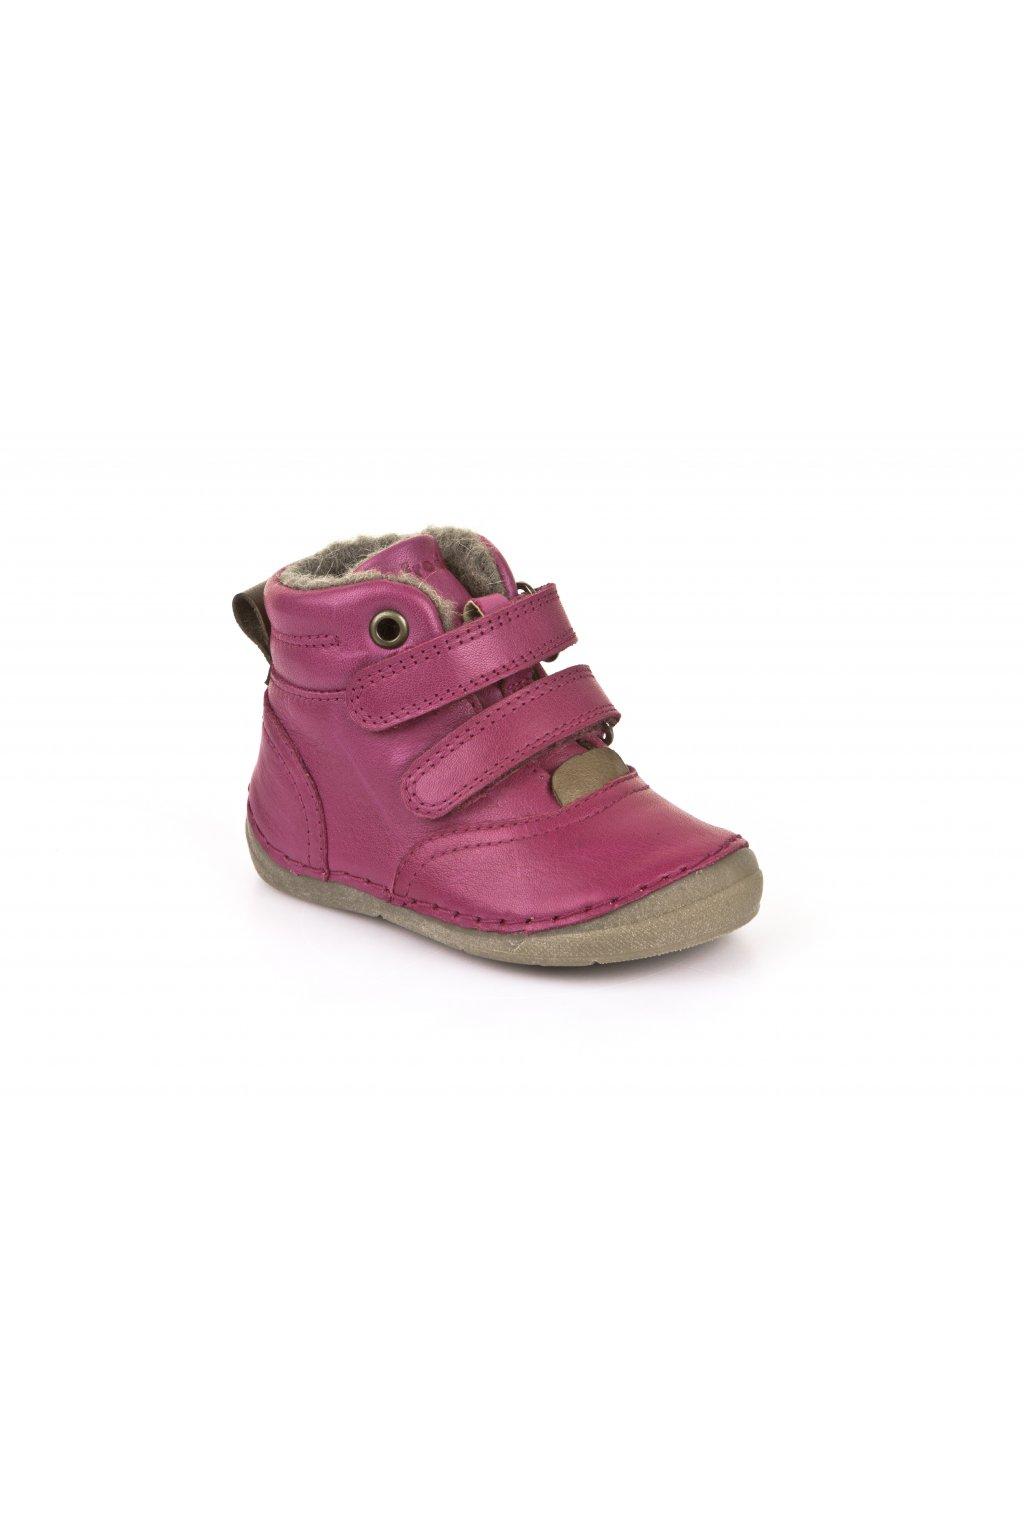 Froddo Ankle Boots Fuchsia- Jahňacia Kožušina